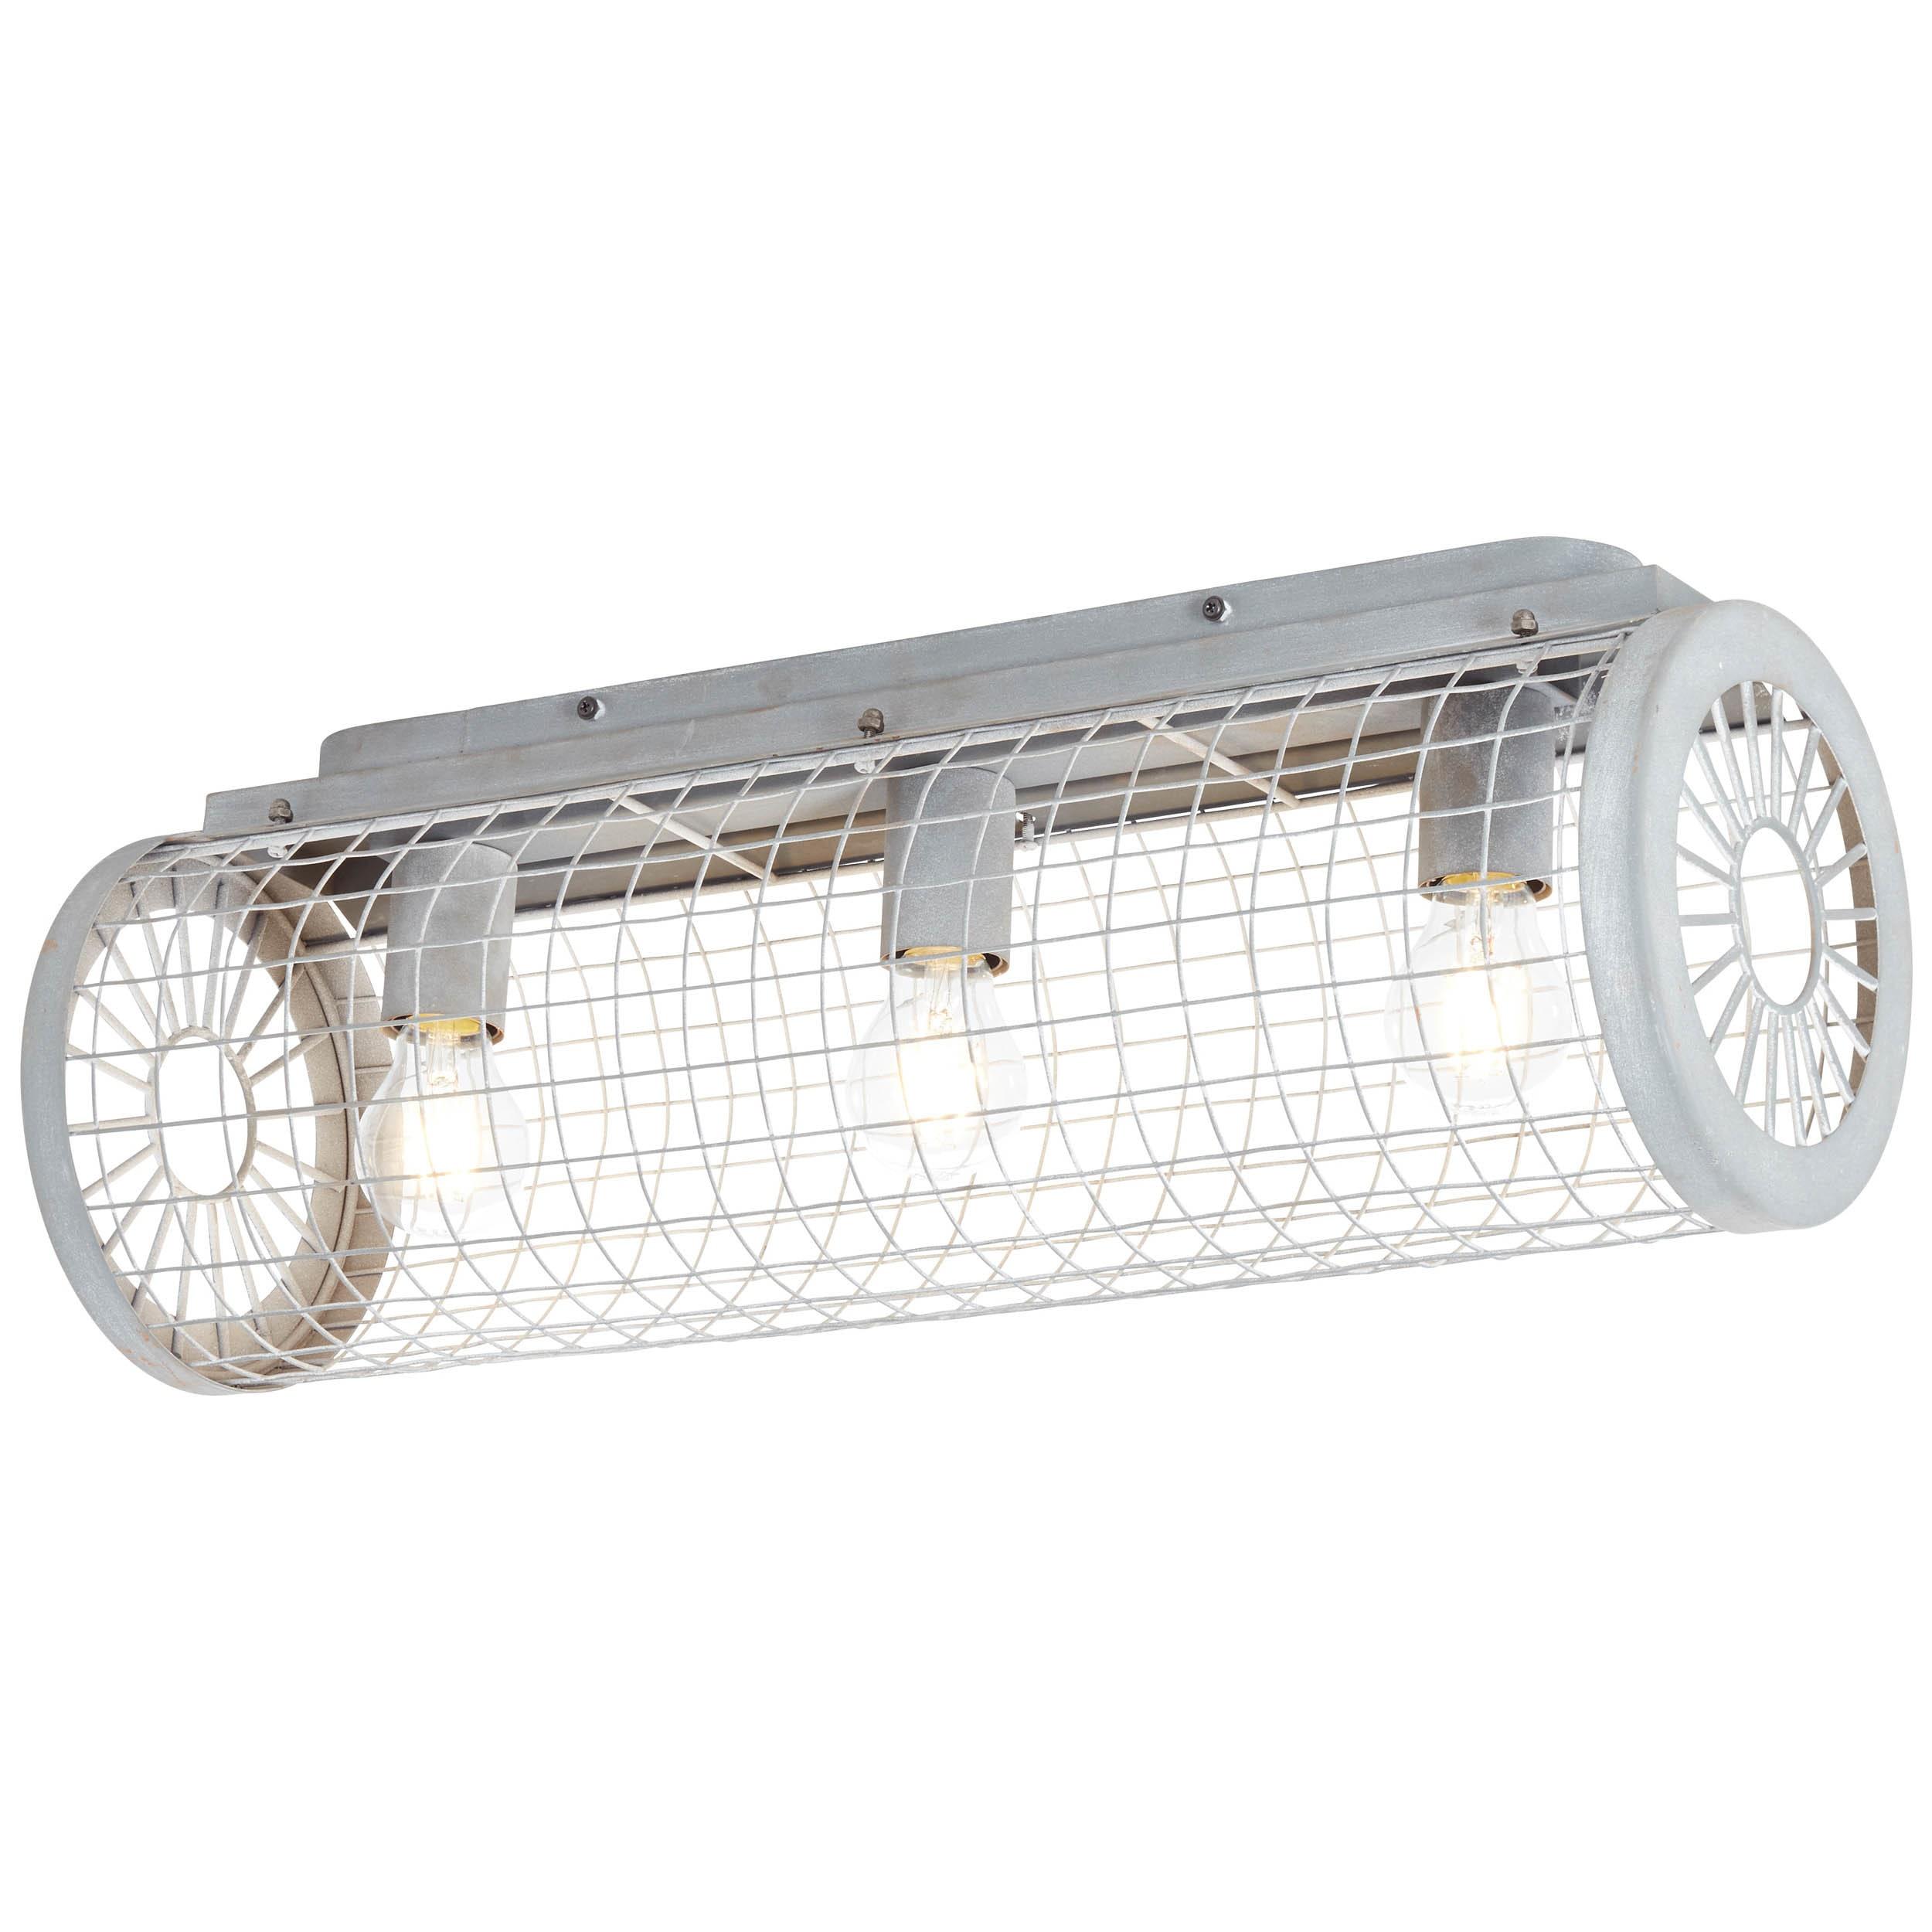 Betongrau Beton Deckenlampen Online Kaufen Möbel Suchmaschine